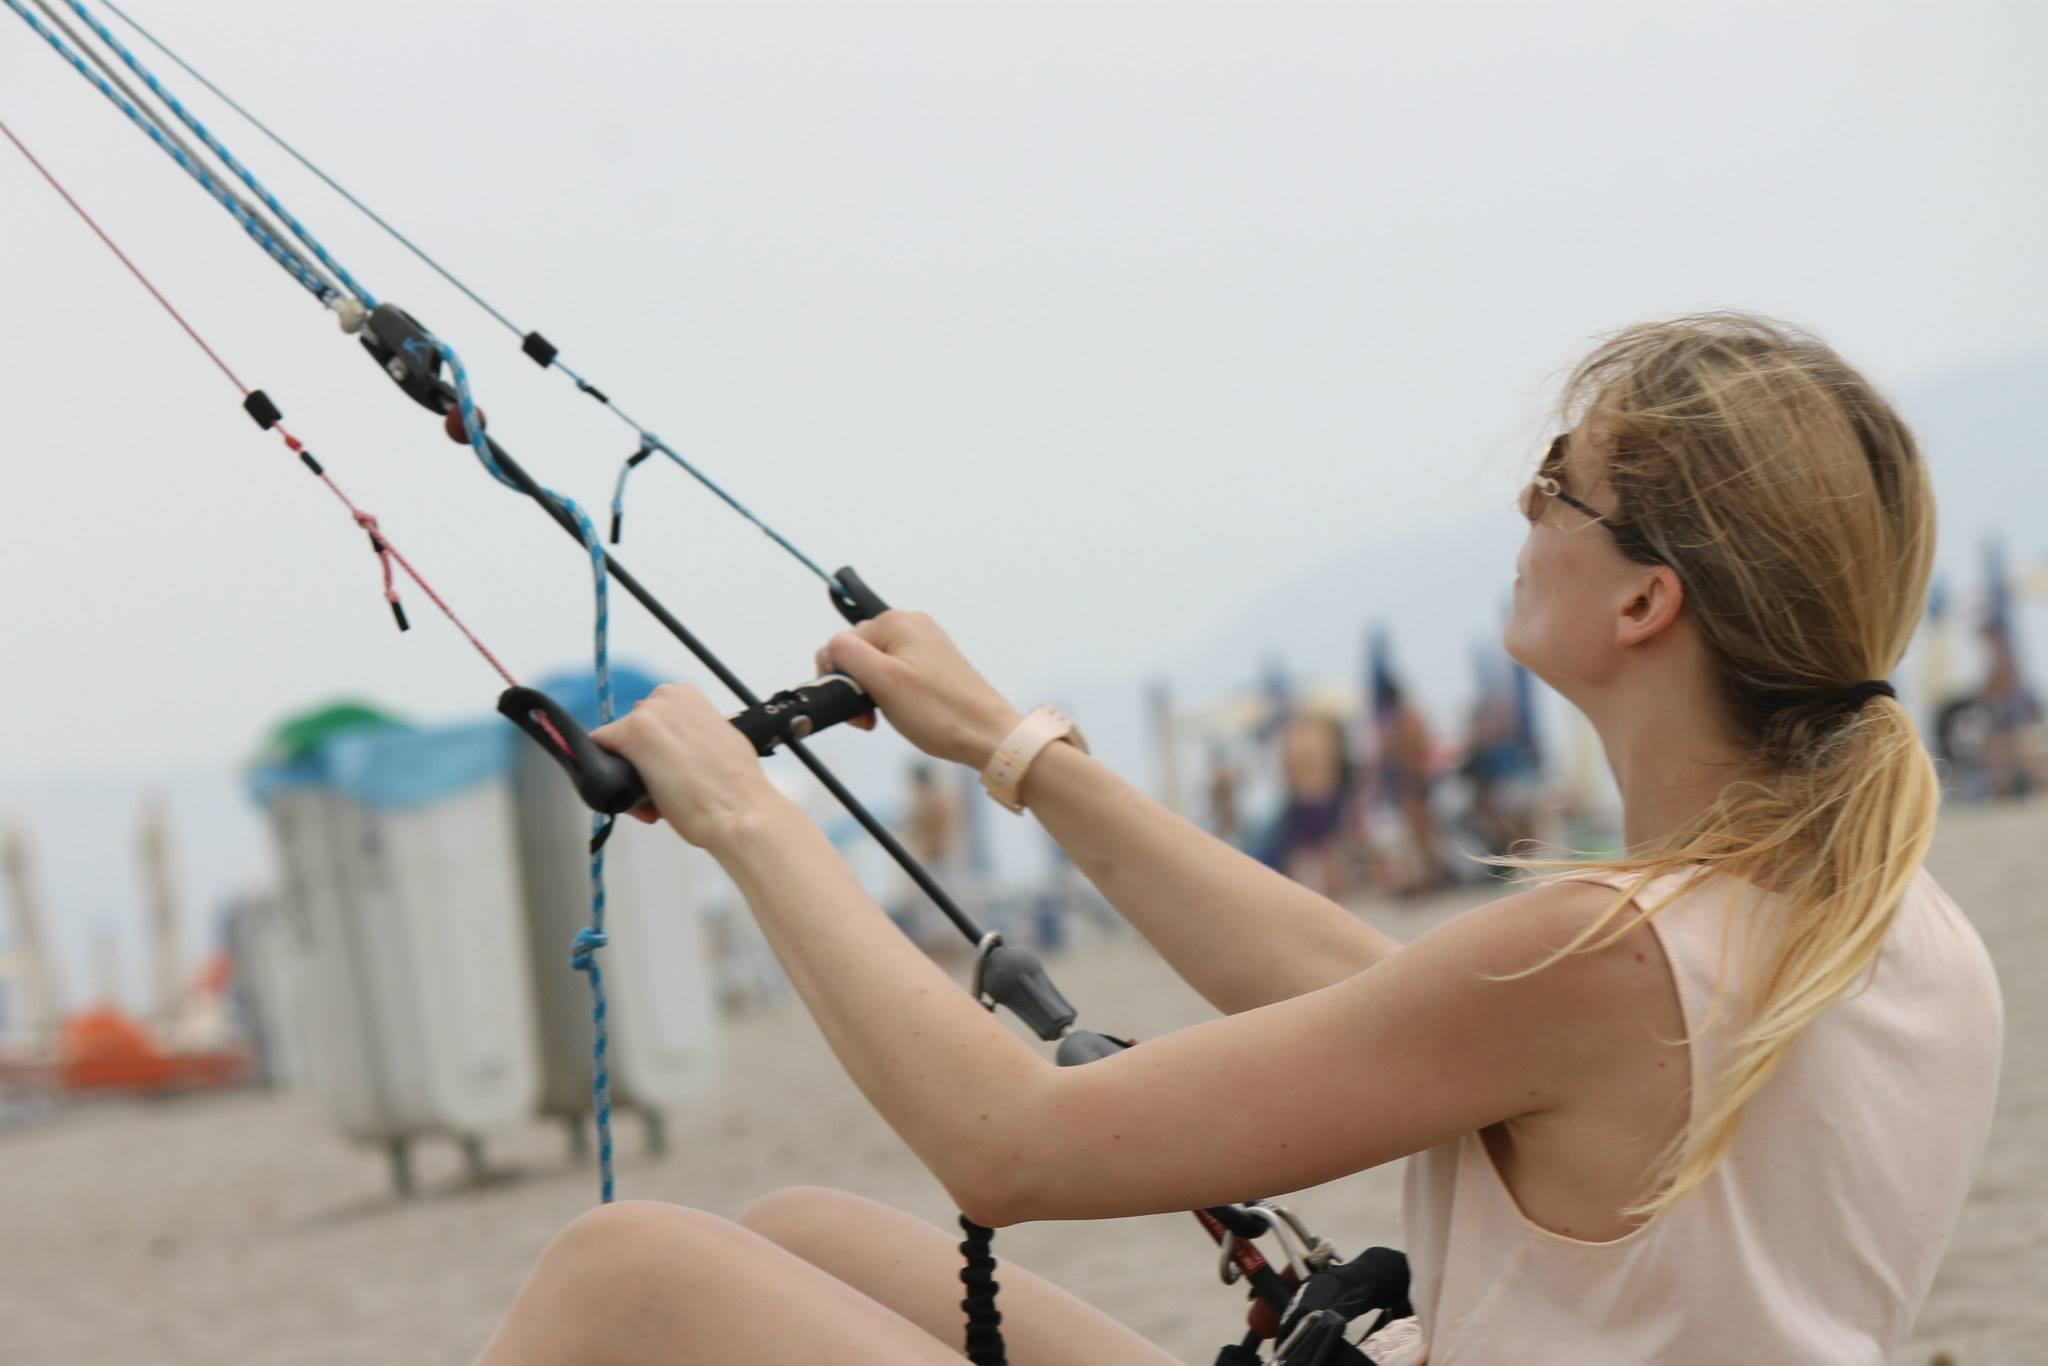 Kitesurfing Cagliari Poetto July 2014